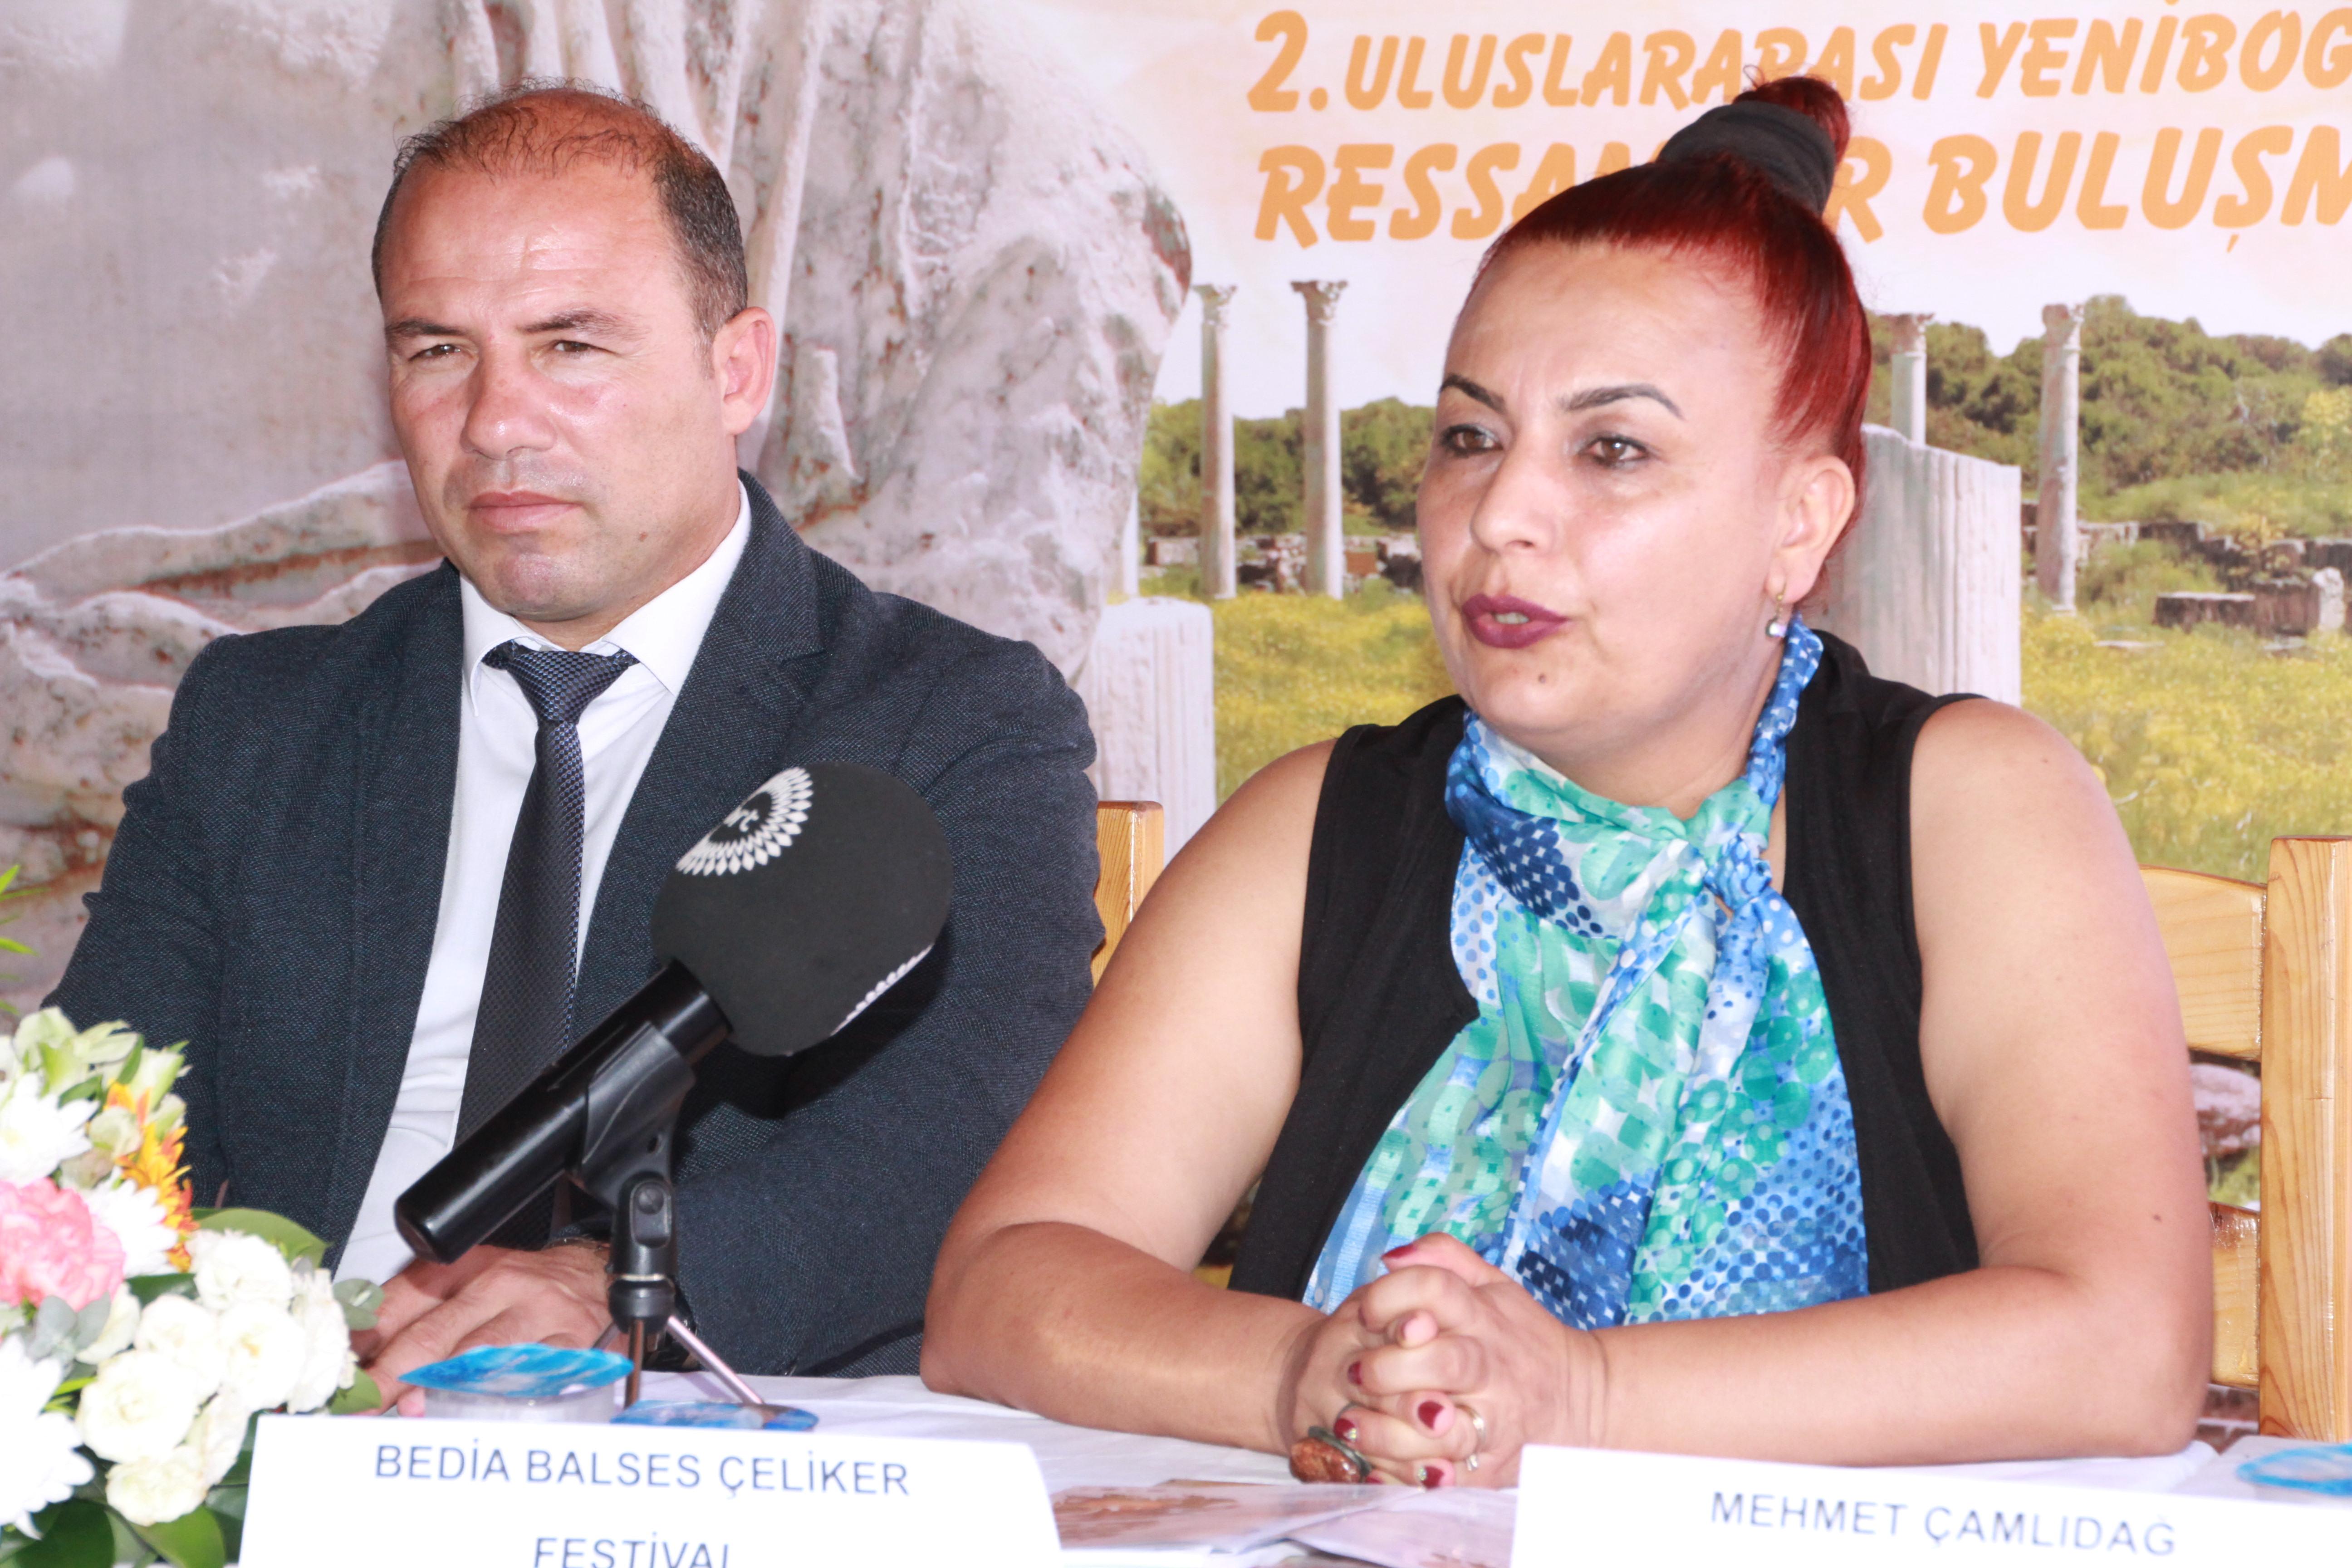 Yeniboğaziçi Belediyesi'nin düzenlediği 11. Pulya Festivali, 16-25 Ağustos tarihlerinde yapılıyor.